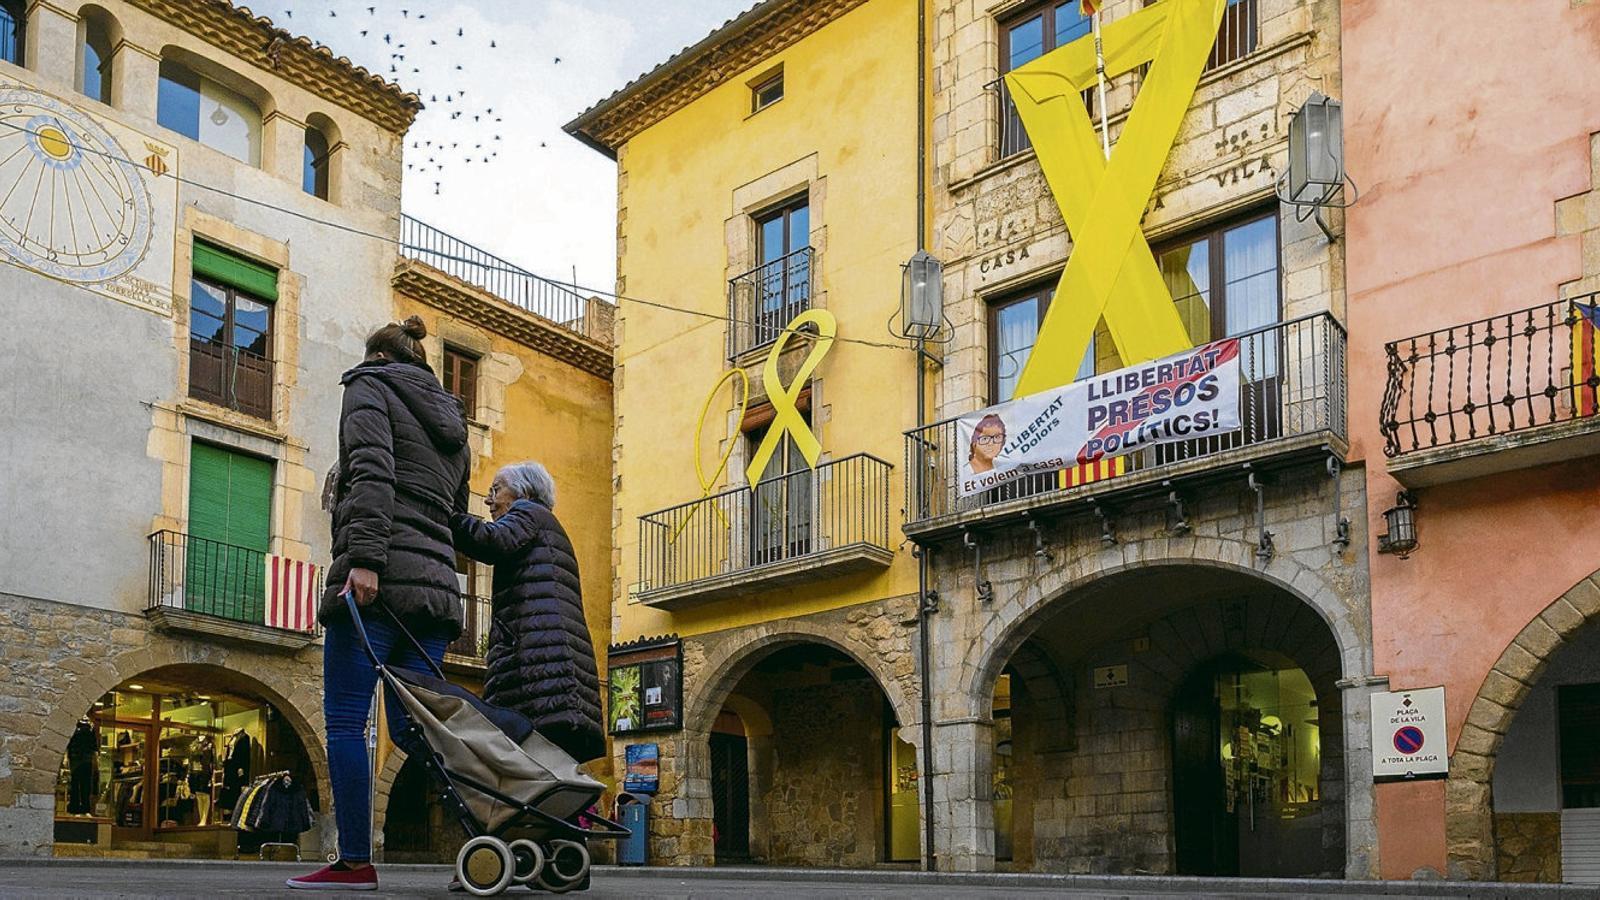 01.El llaç groc a la l'Ajuntament de Torroella de Montgrí.  02. La font del passeig de Gràcia, de color groc.